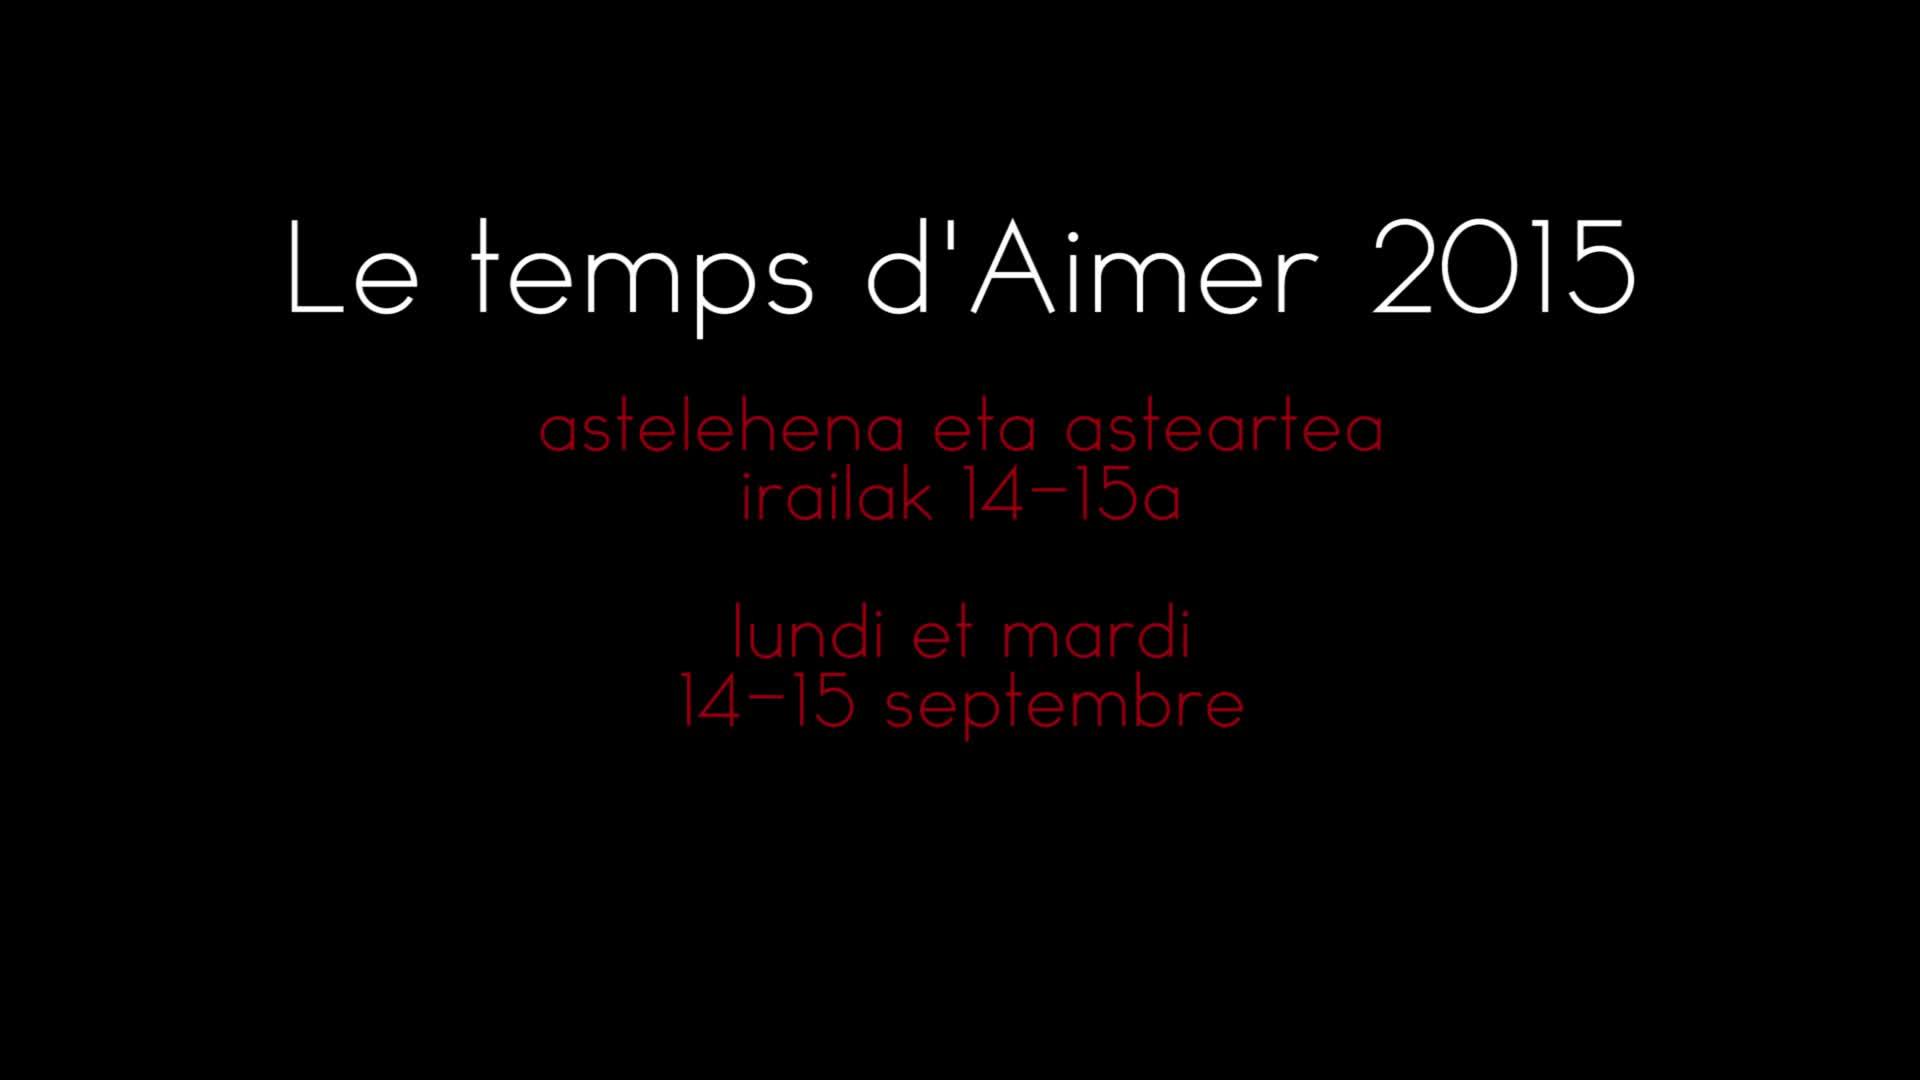 Le temps d'aimer 2015 astelehena eta asteartea, irailak 14-15a